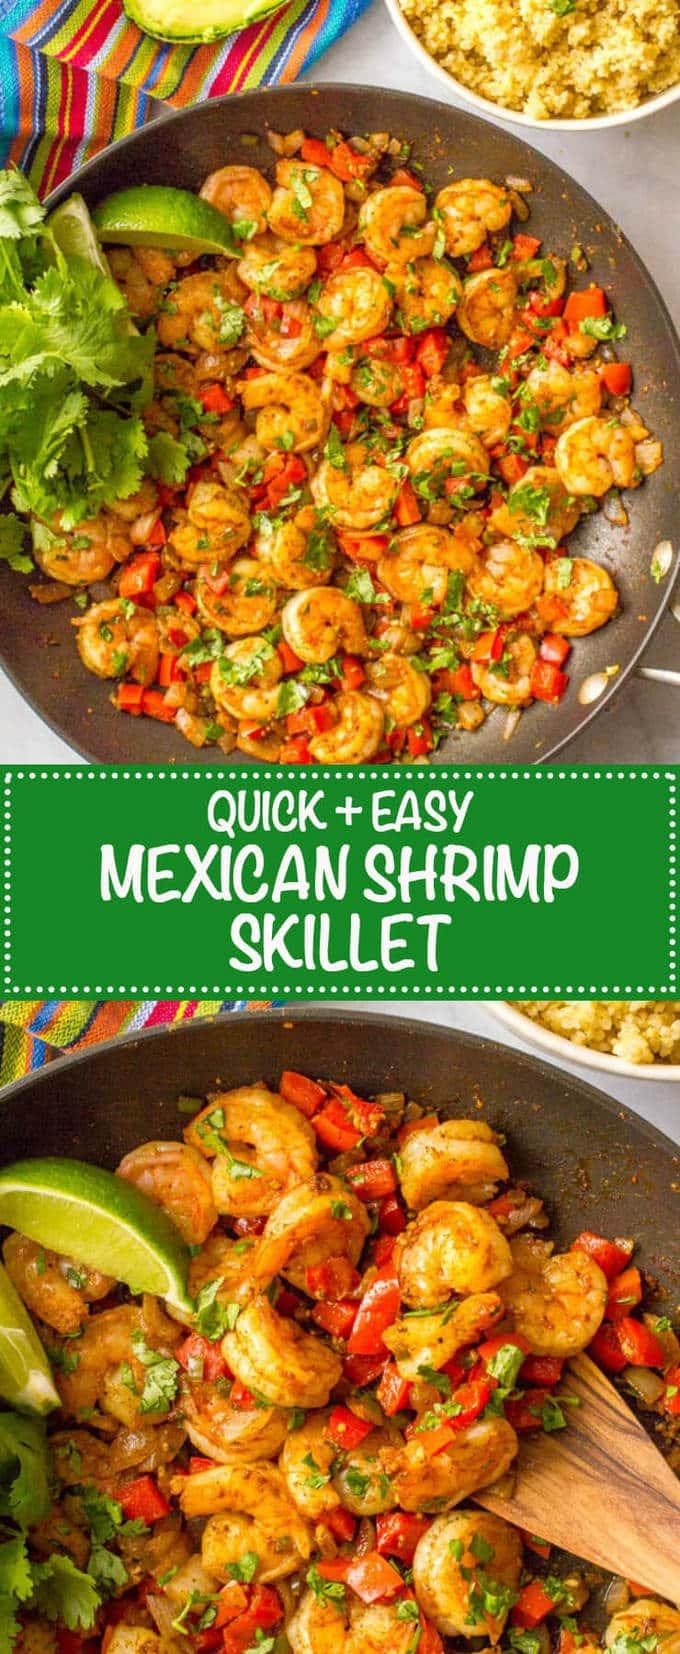 Pan Fried Shrimp Recipes